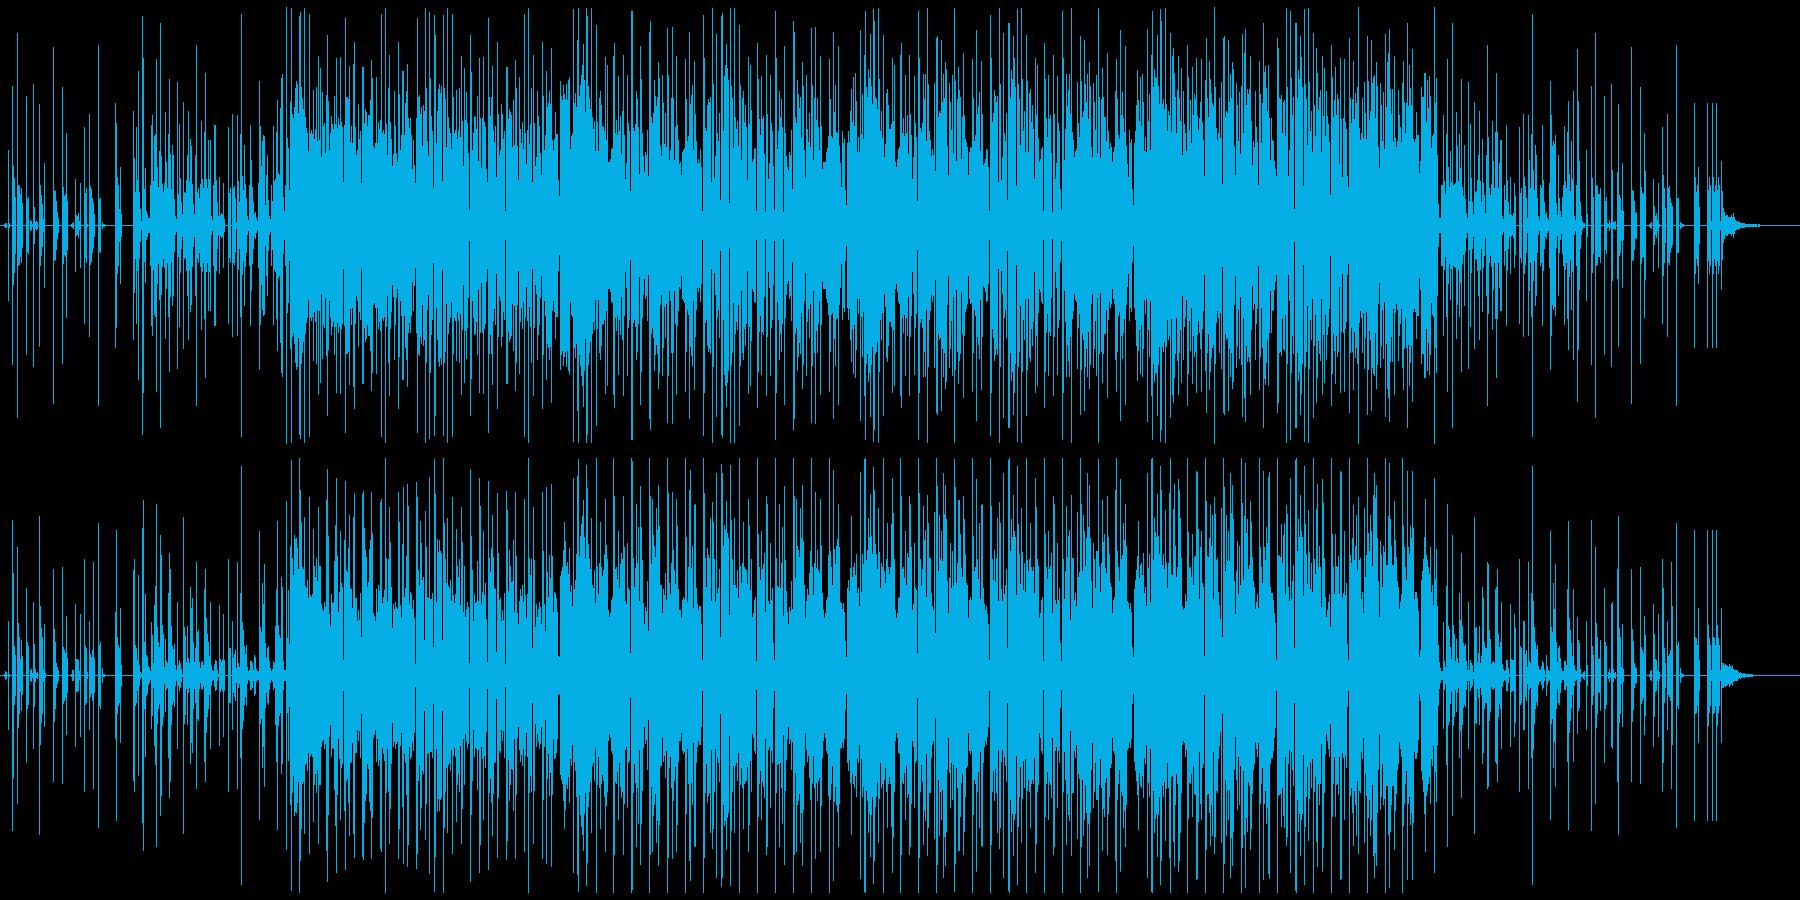 不思議な映像の演出ができるエレクトロニカの再生済みの波形